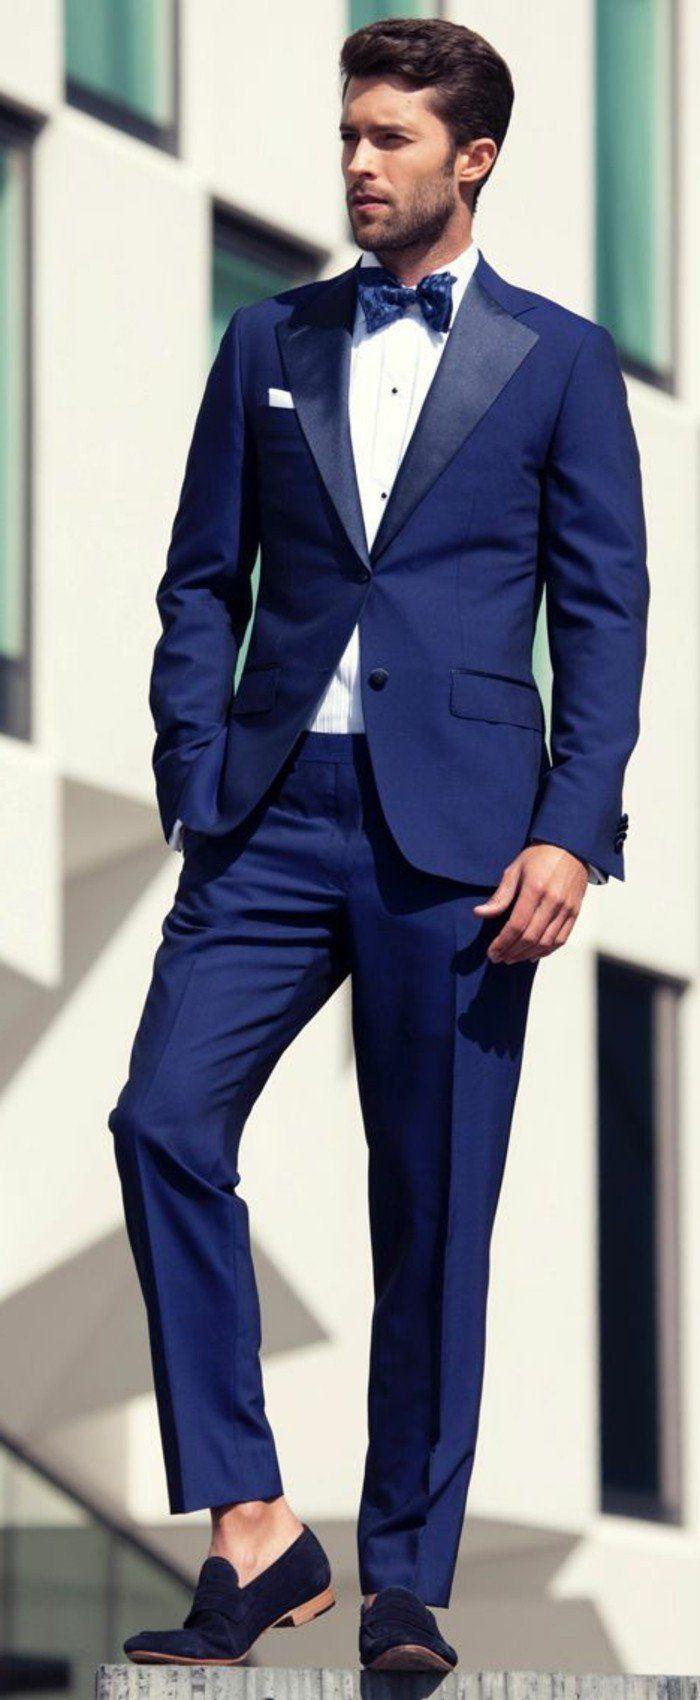 25 best ideas about bien s habiller homme on pinterest hommes blog de style blazer mode. Black Bedroom Furniture Sets. Home Design Ideas